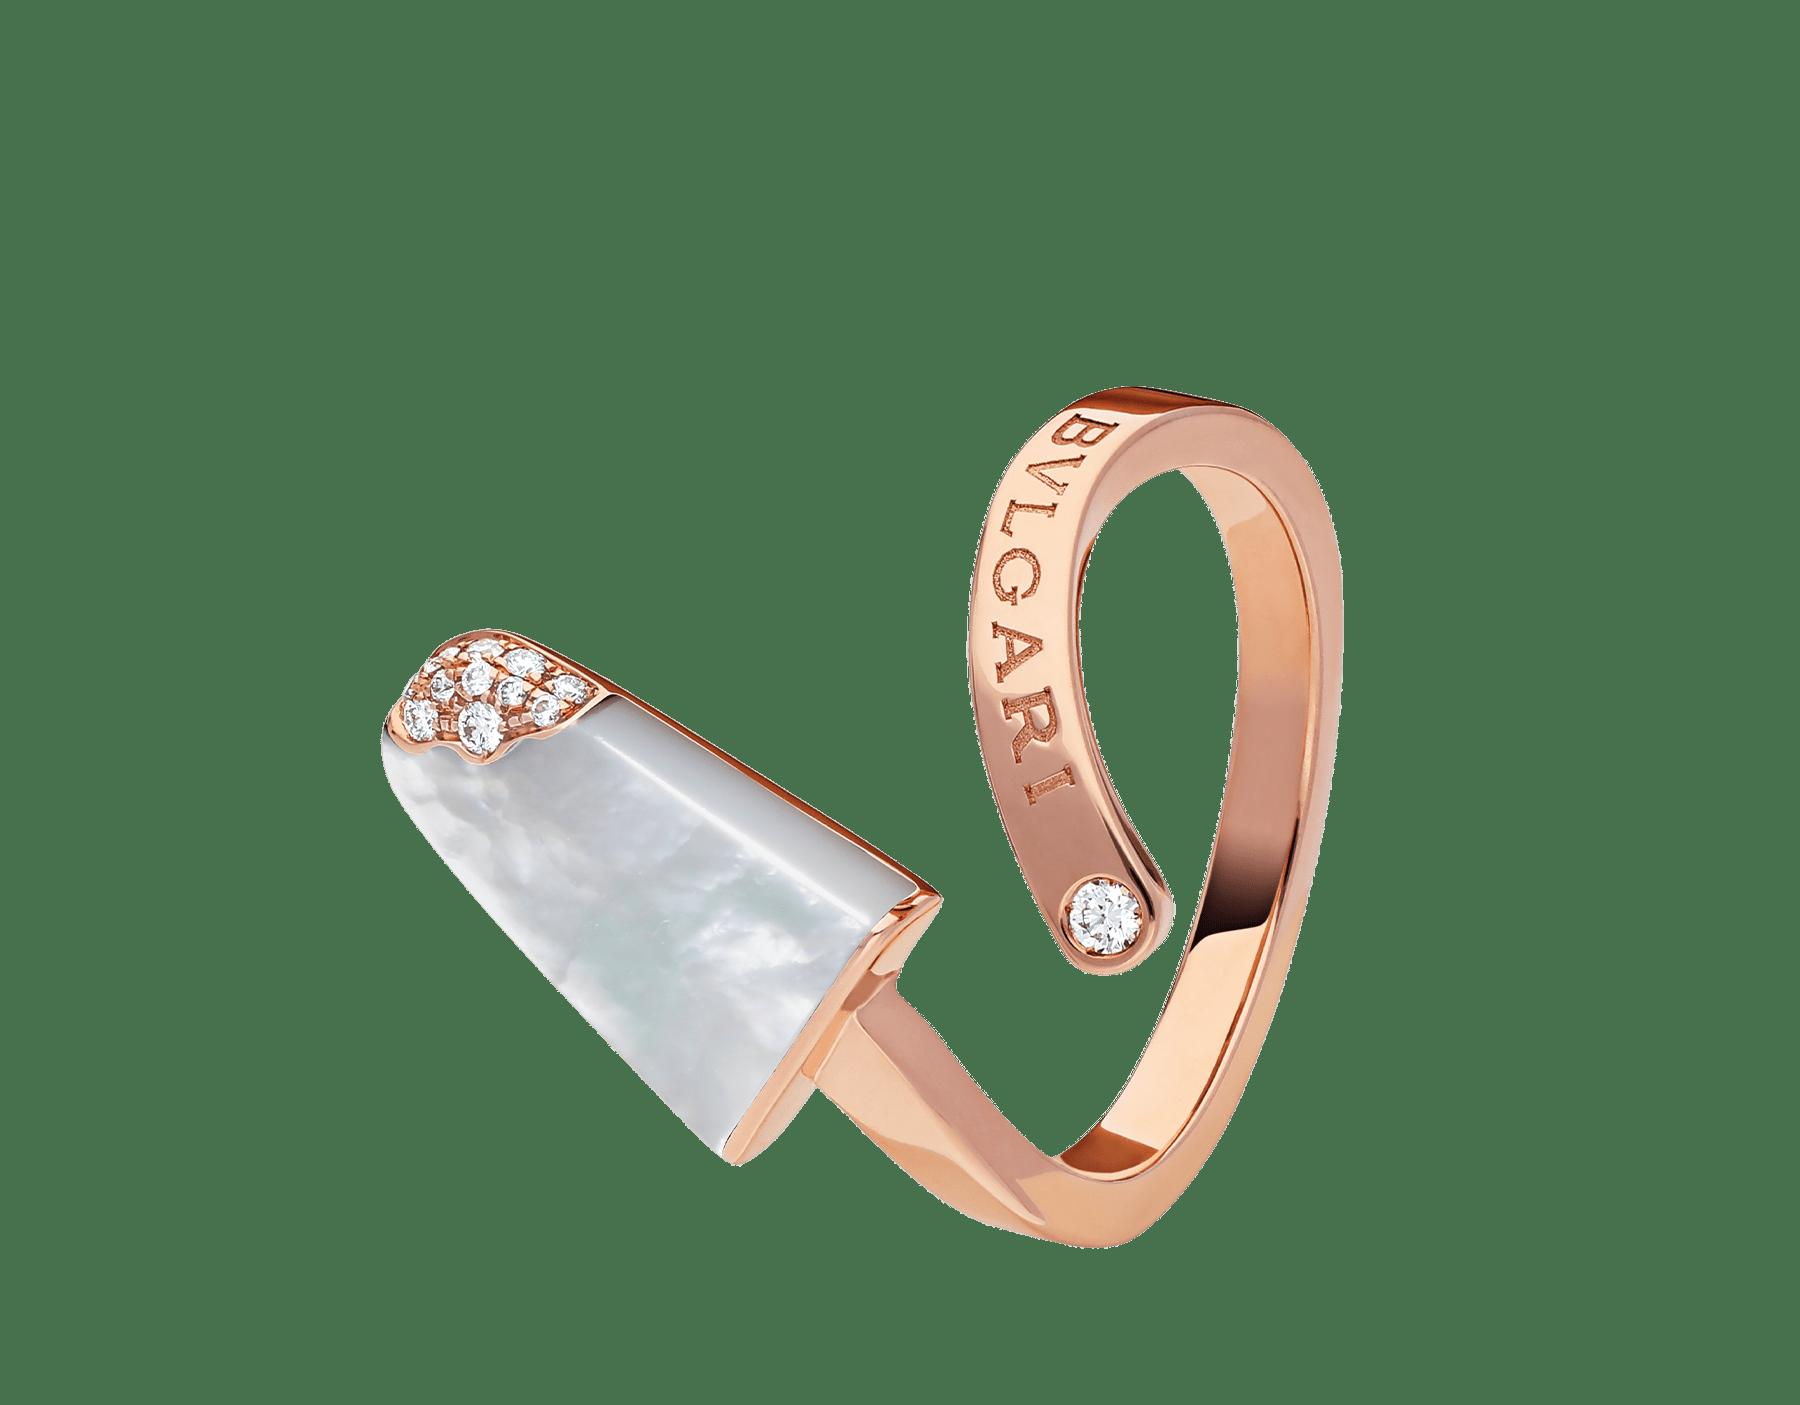 Anel BVLGARIBVLGARI Gelati em ouro rosa 18K cravejado com madrepérola e pavê de diamantes AN858014 image 2